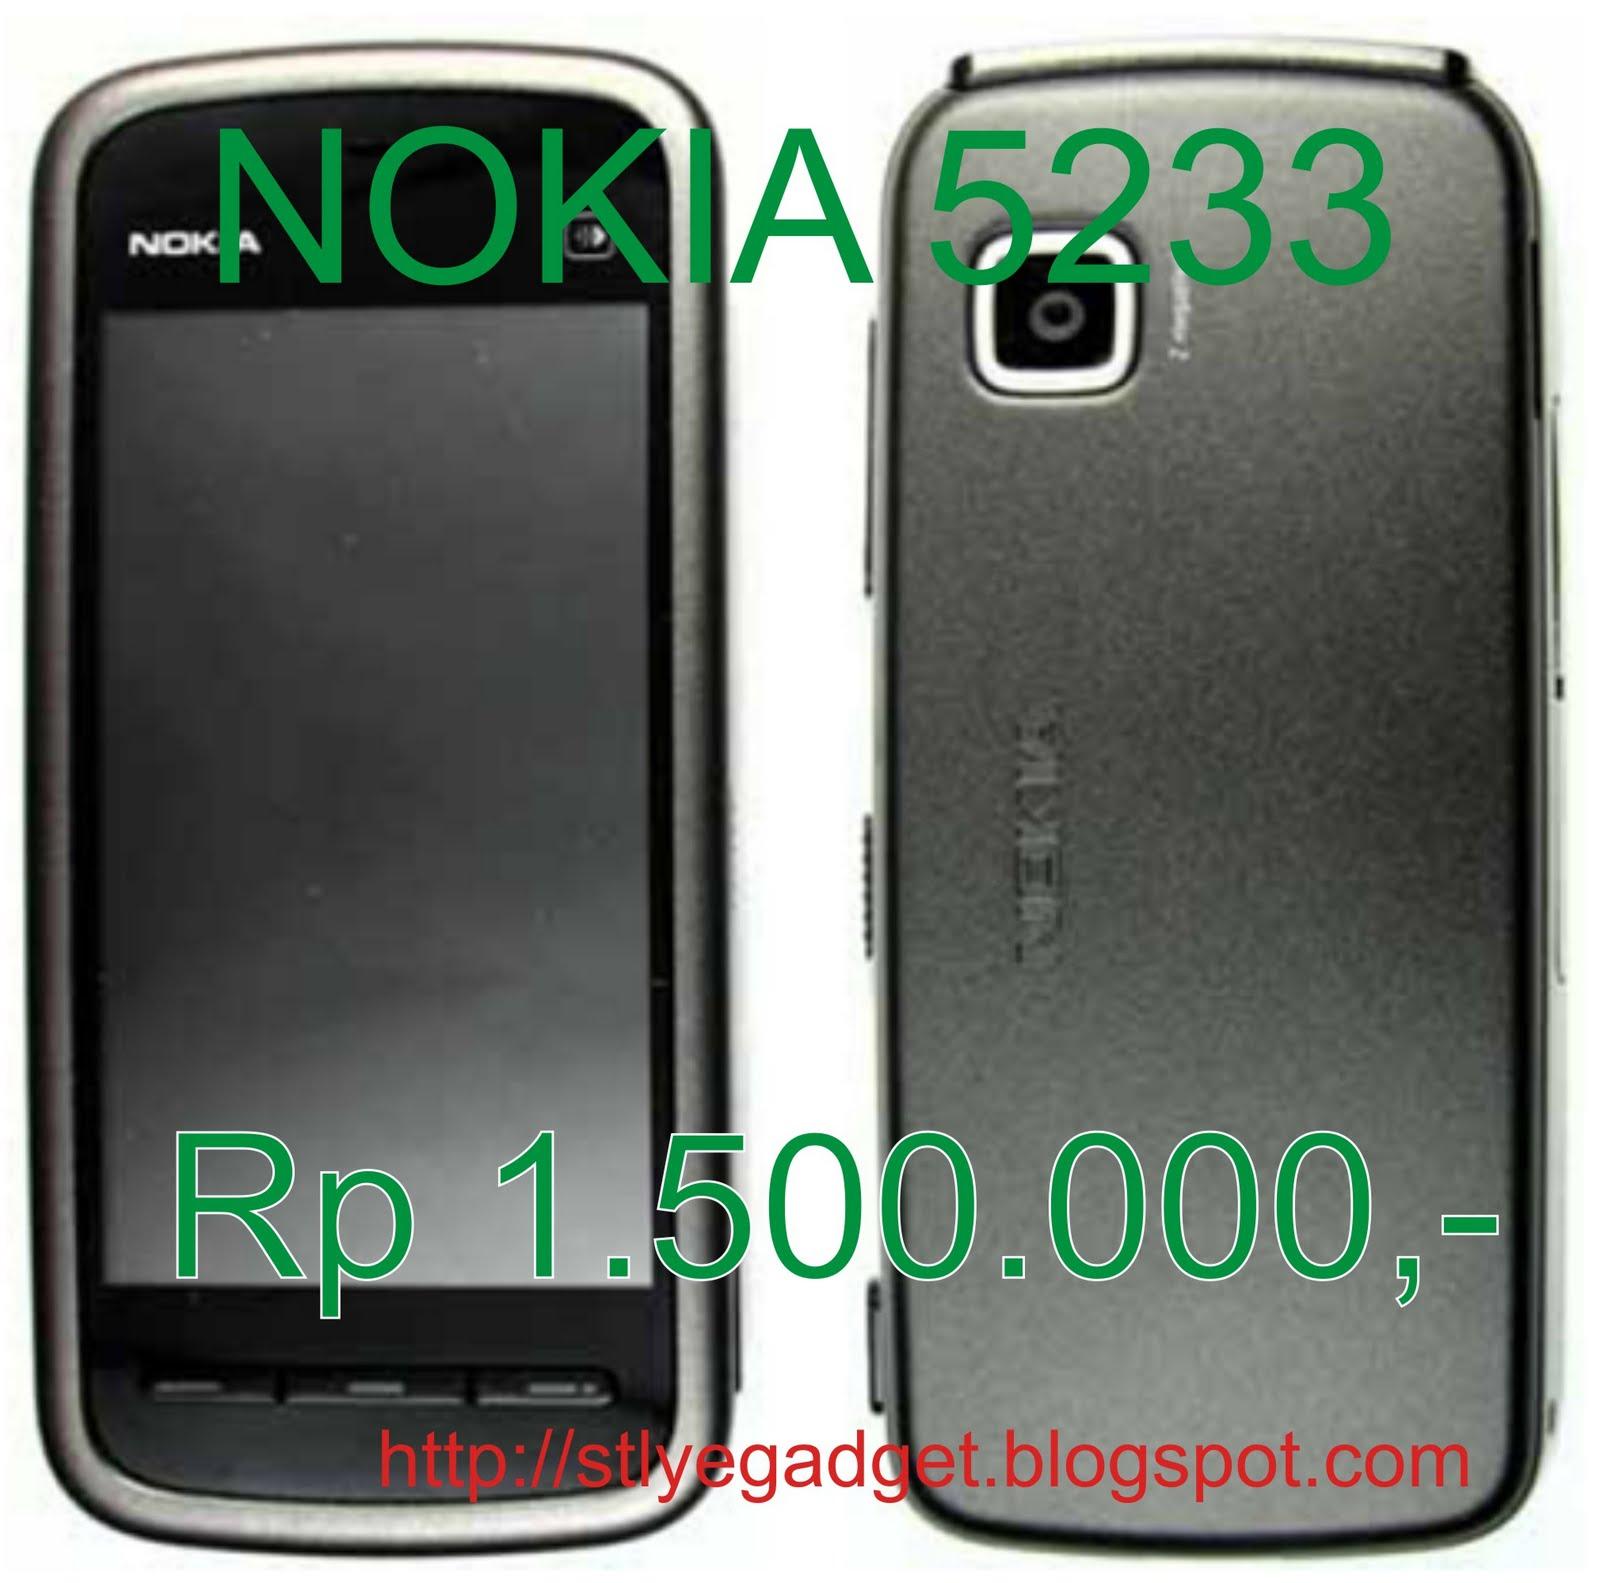 Nokia 5233 Jual hp nokia 5233